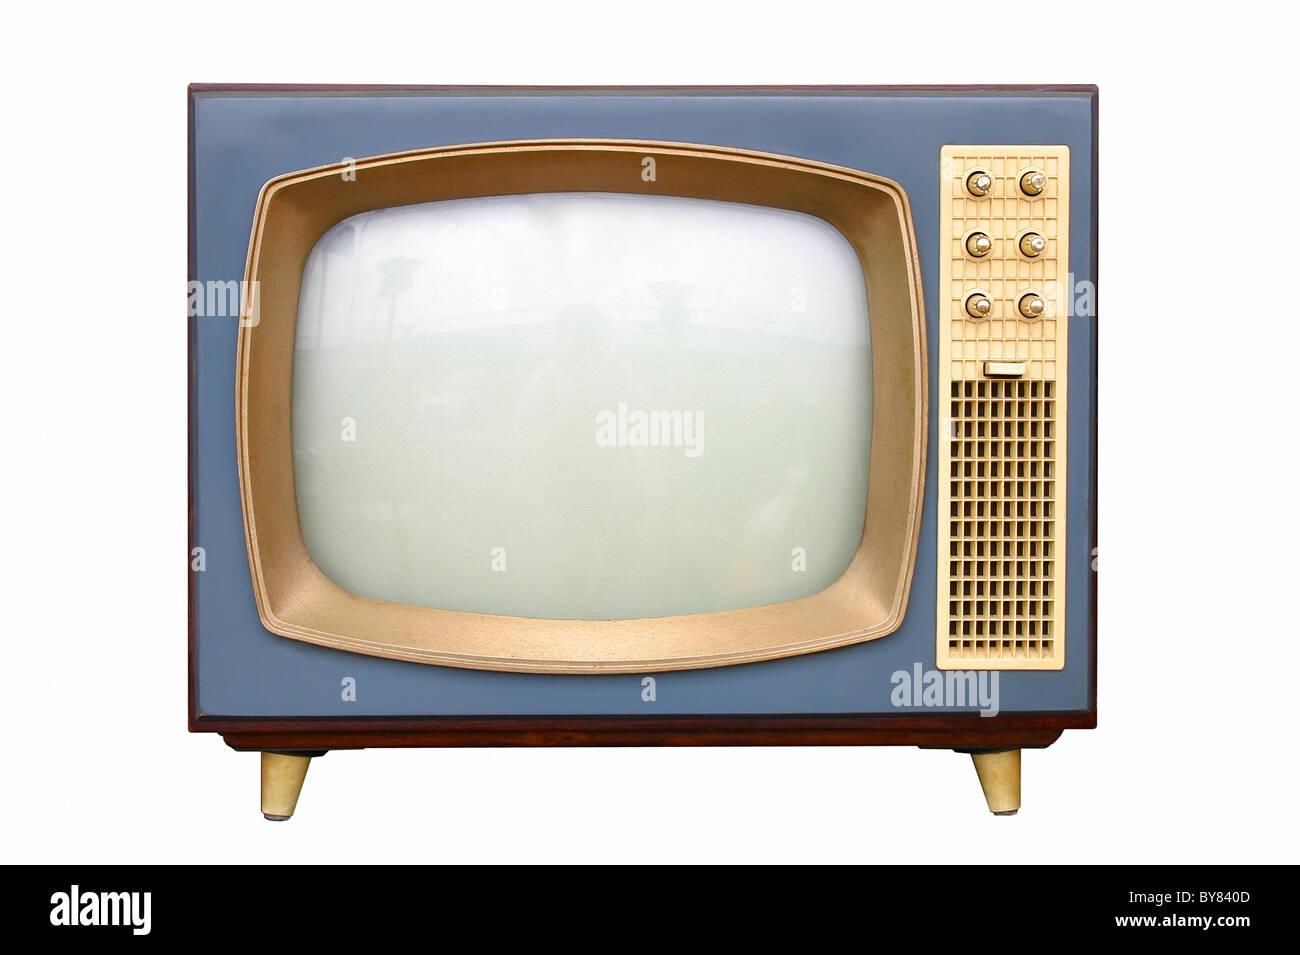 Aparatos de televisión desde 1950 Imagen De Stock